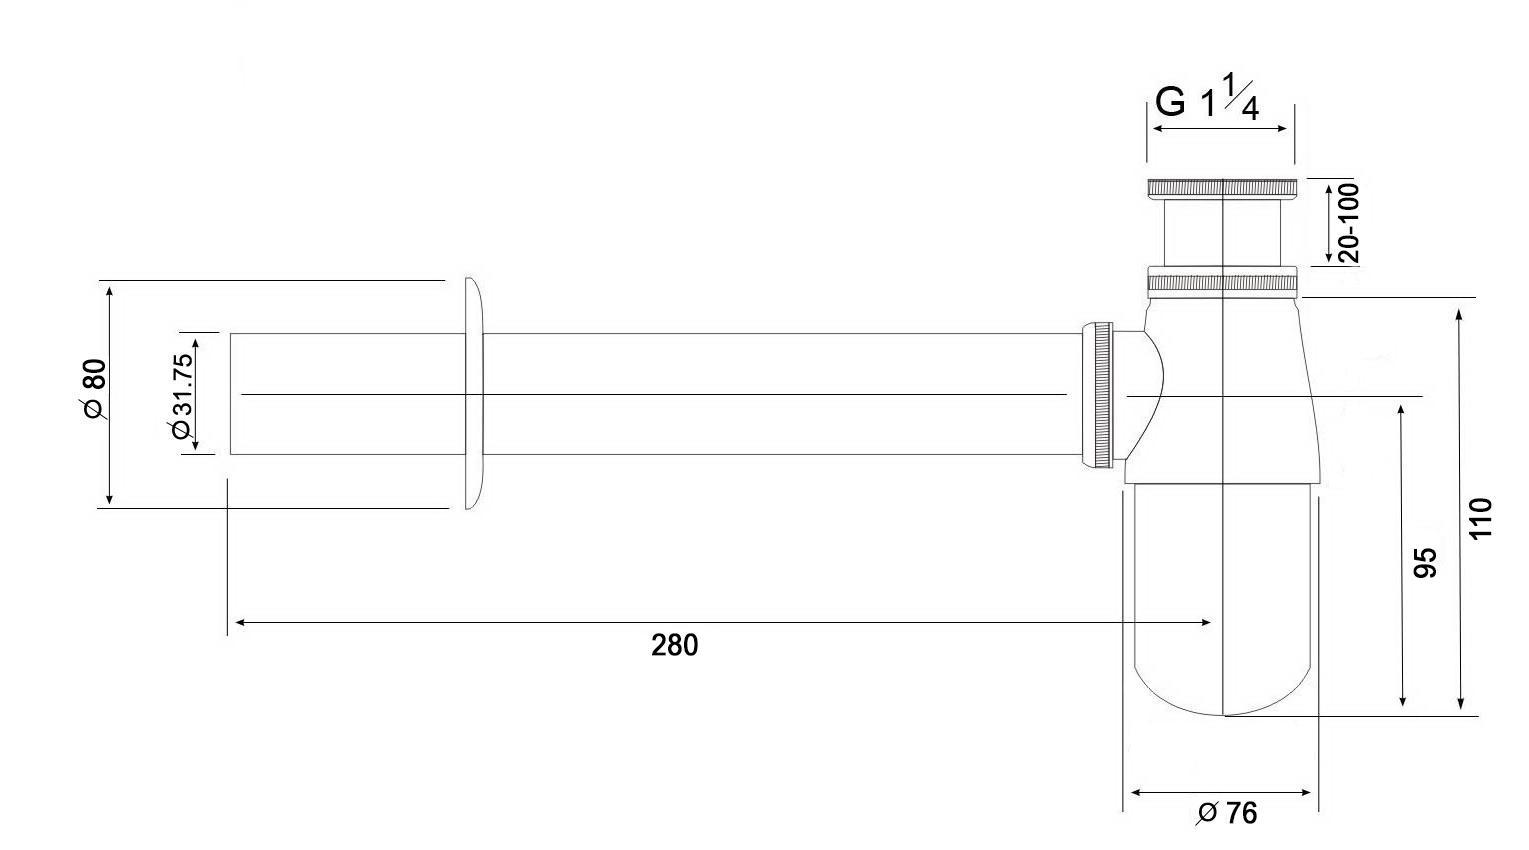 Siphon 1014 Kunststoff - Zeichnung